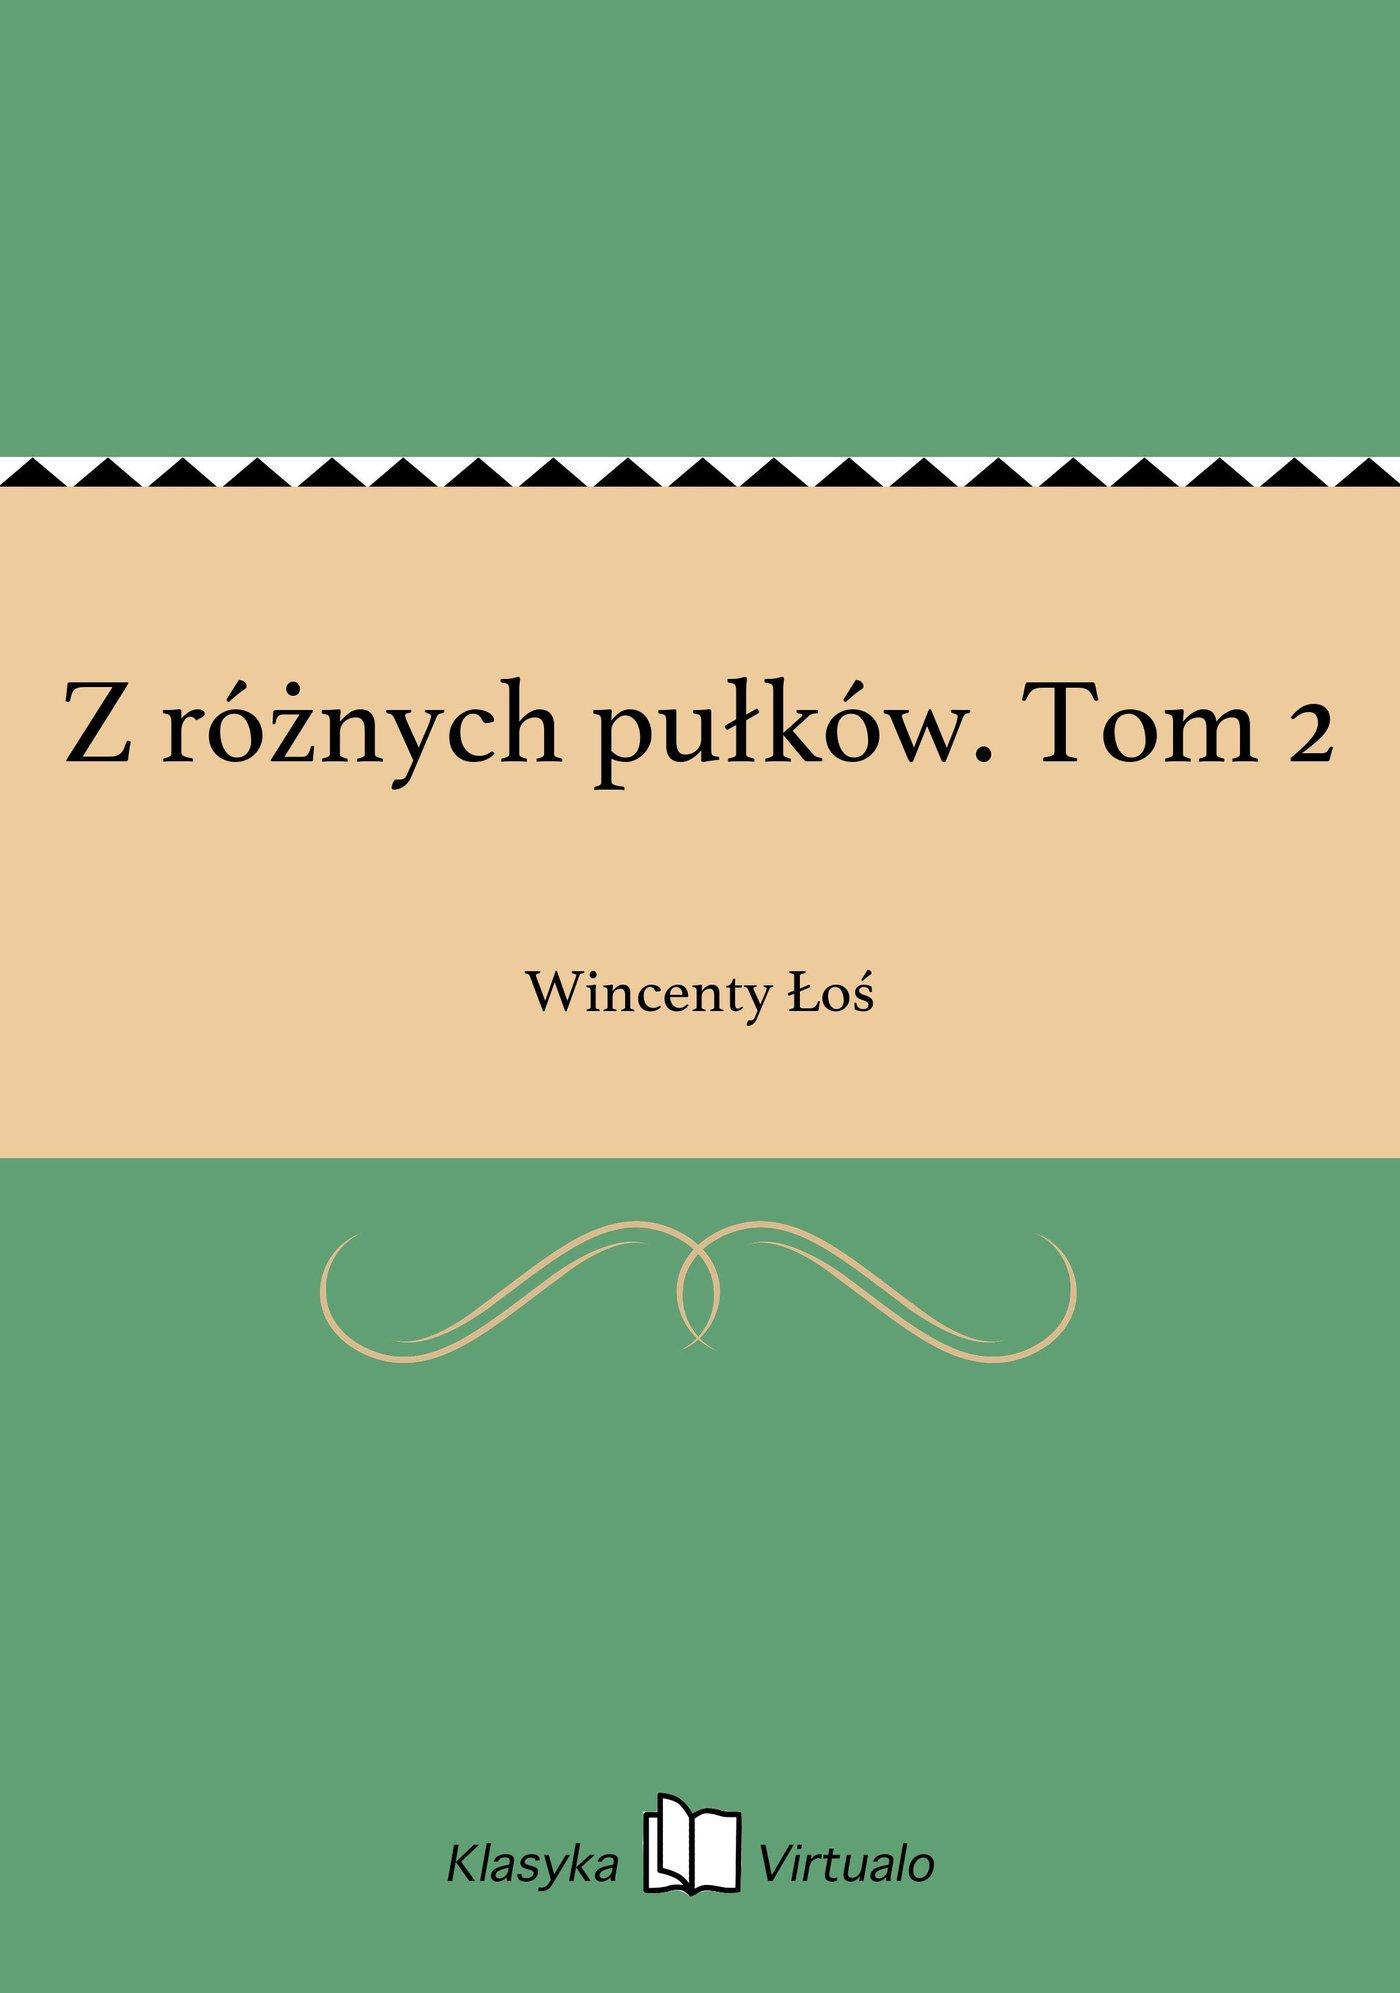 Z różnych pułków. Tom 2 - Ebook (Książka EPUB) do pobrania w formacie EPUB